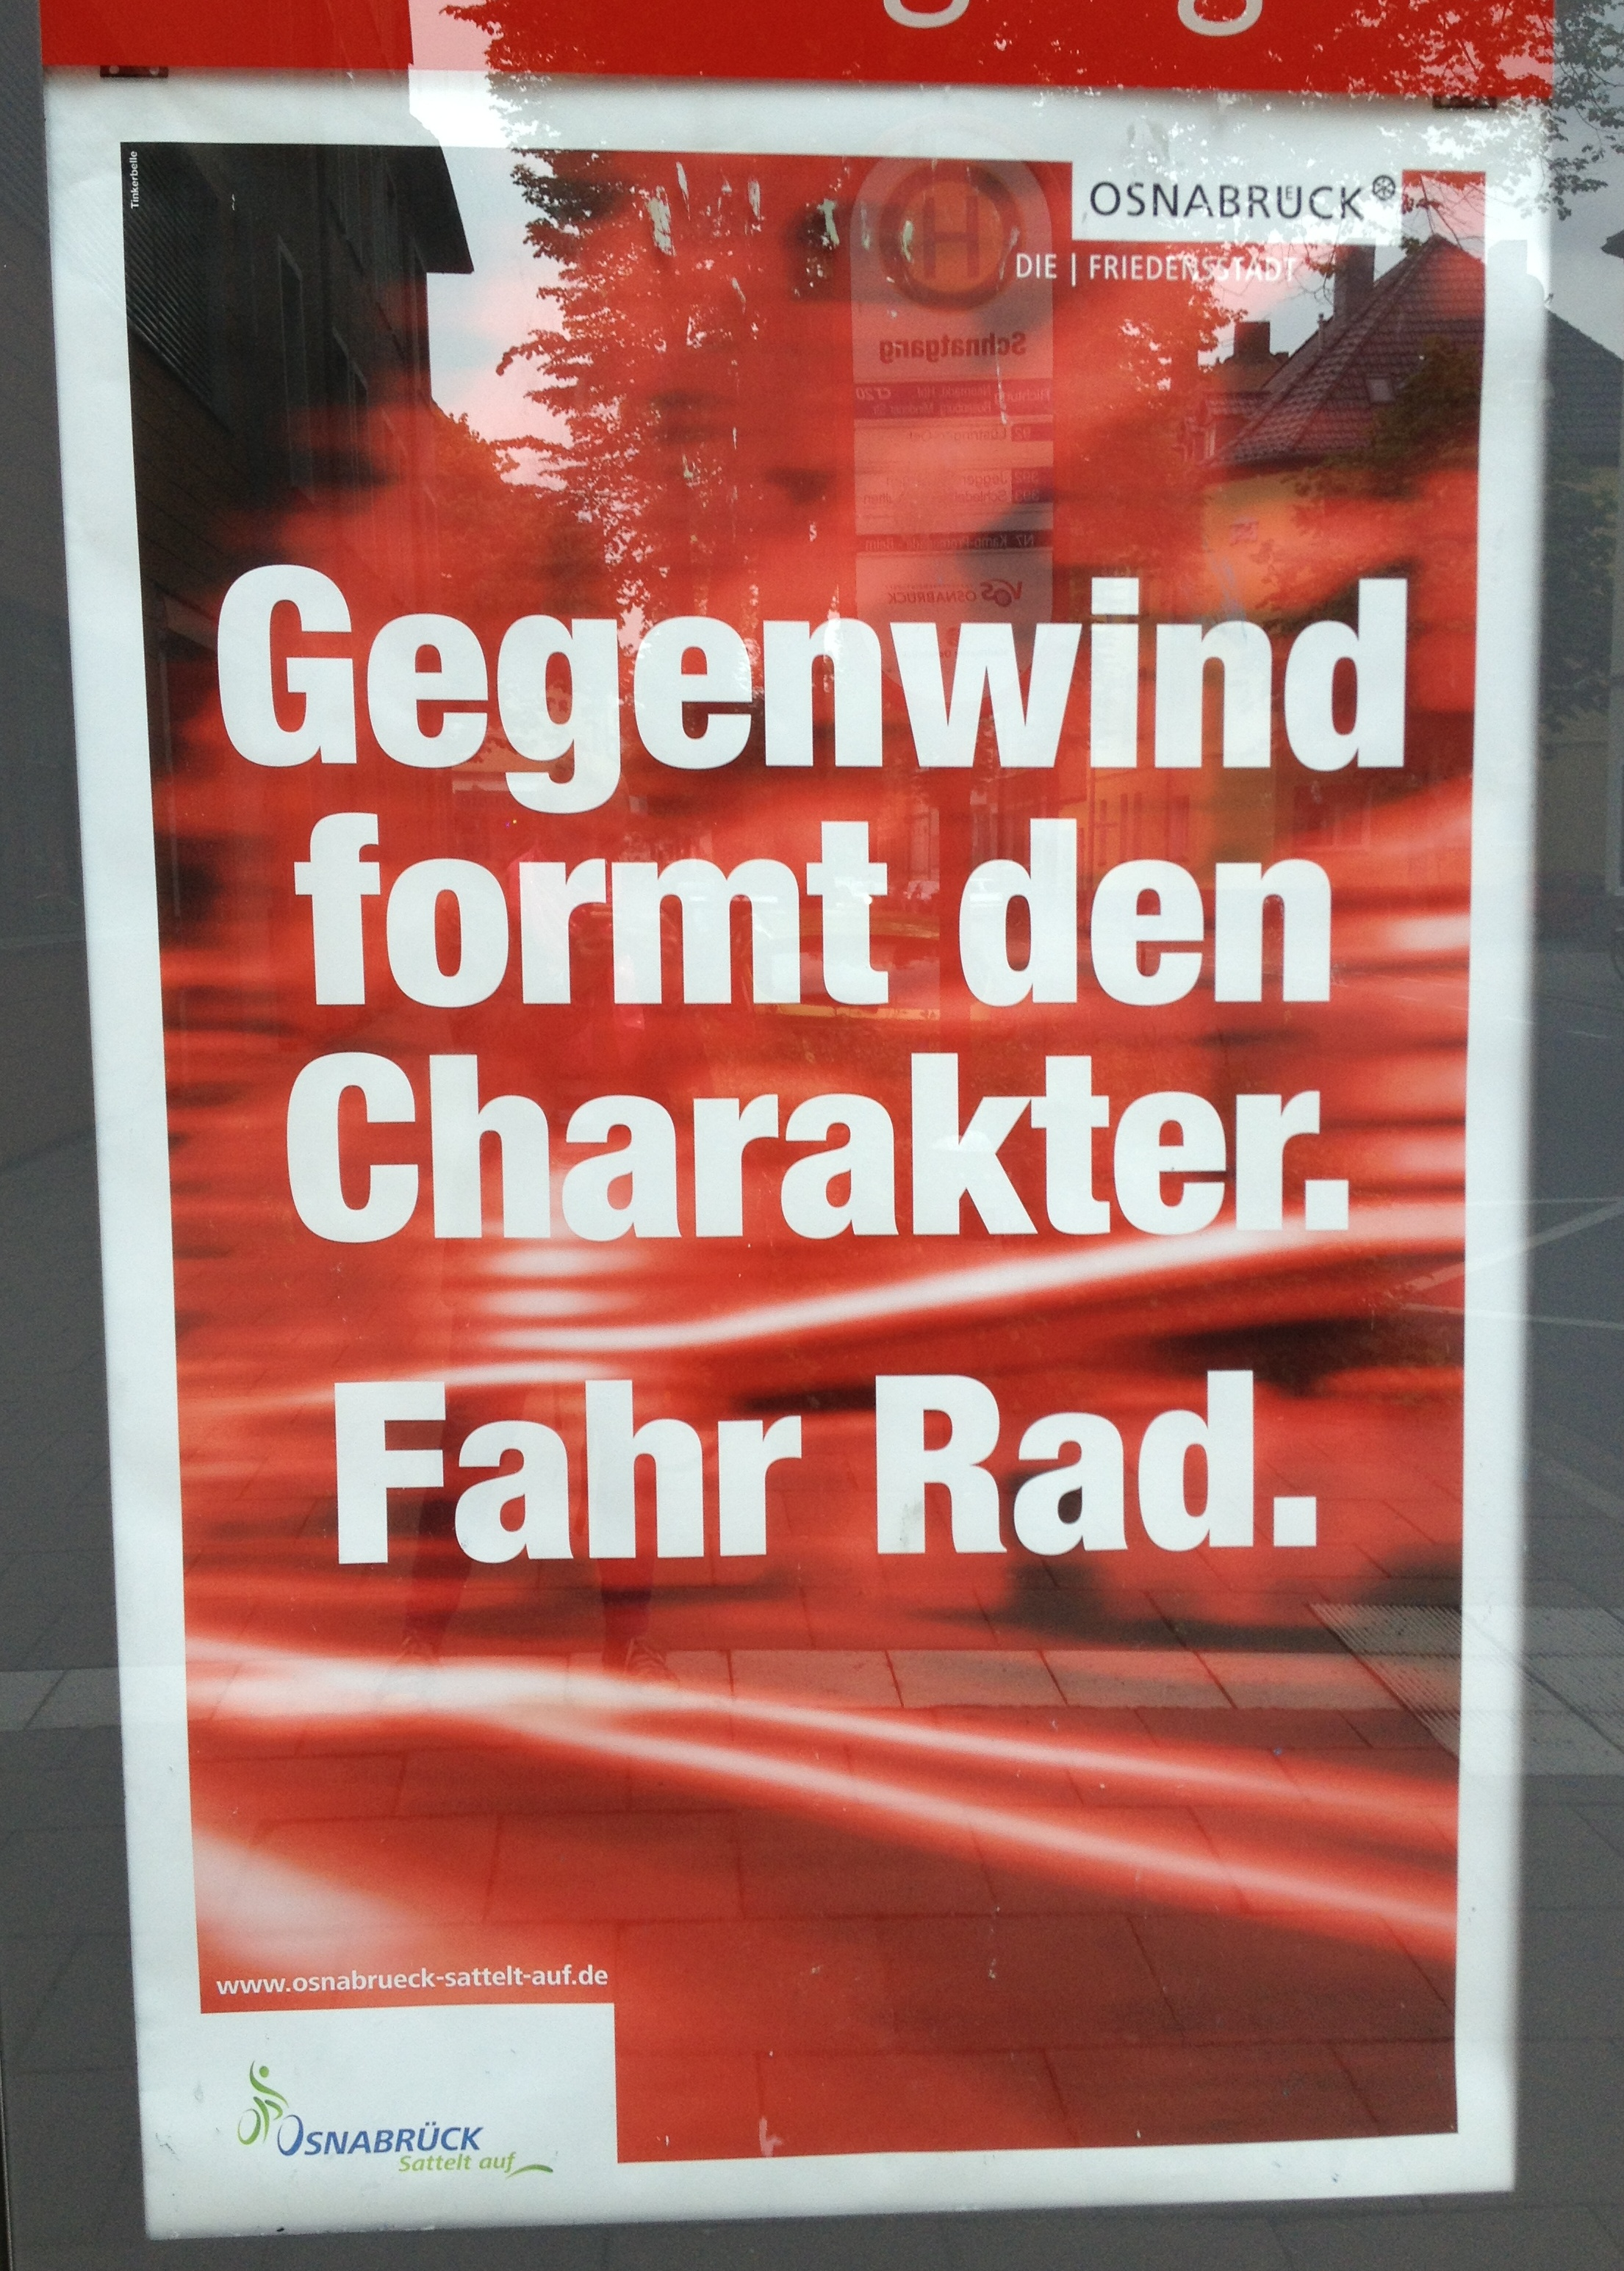 Osnabrück_sattelt_auf_Plakat_4